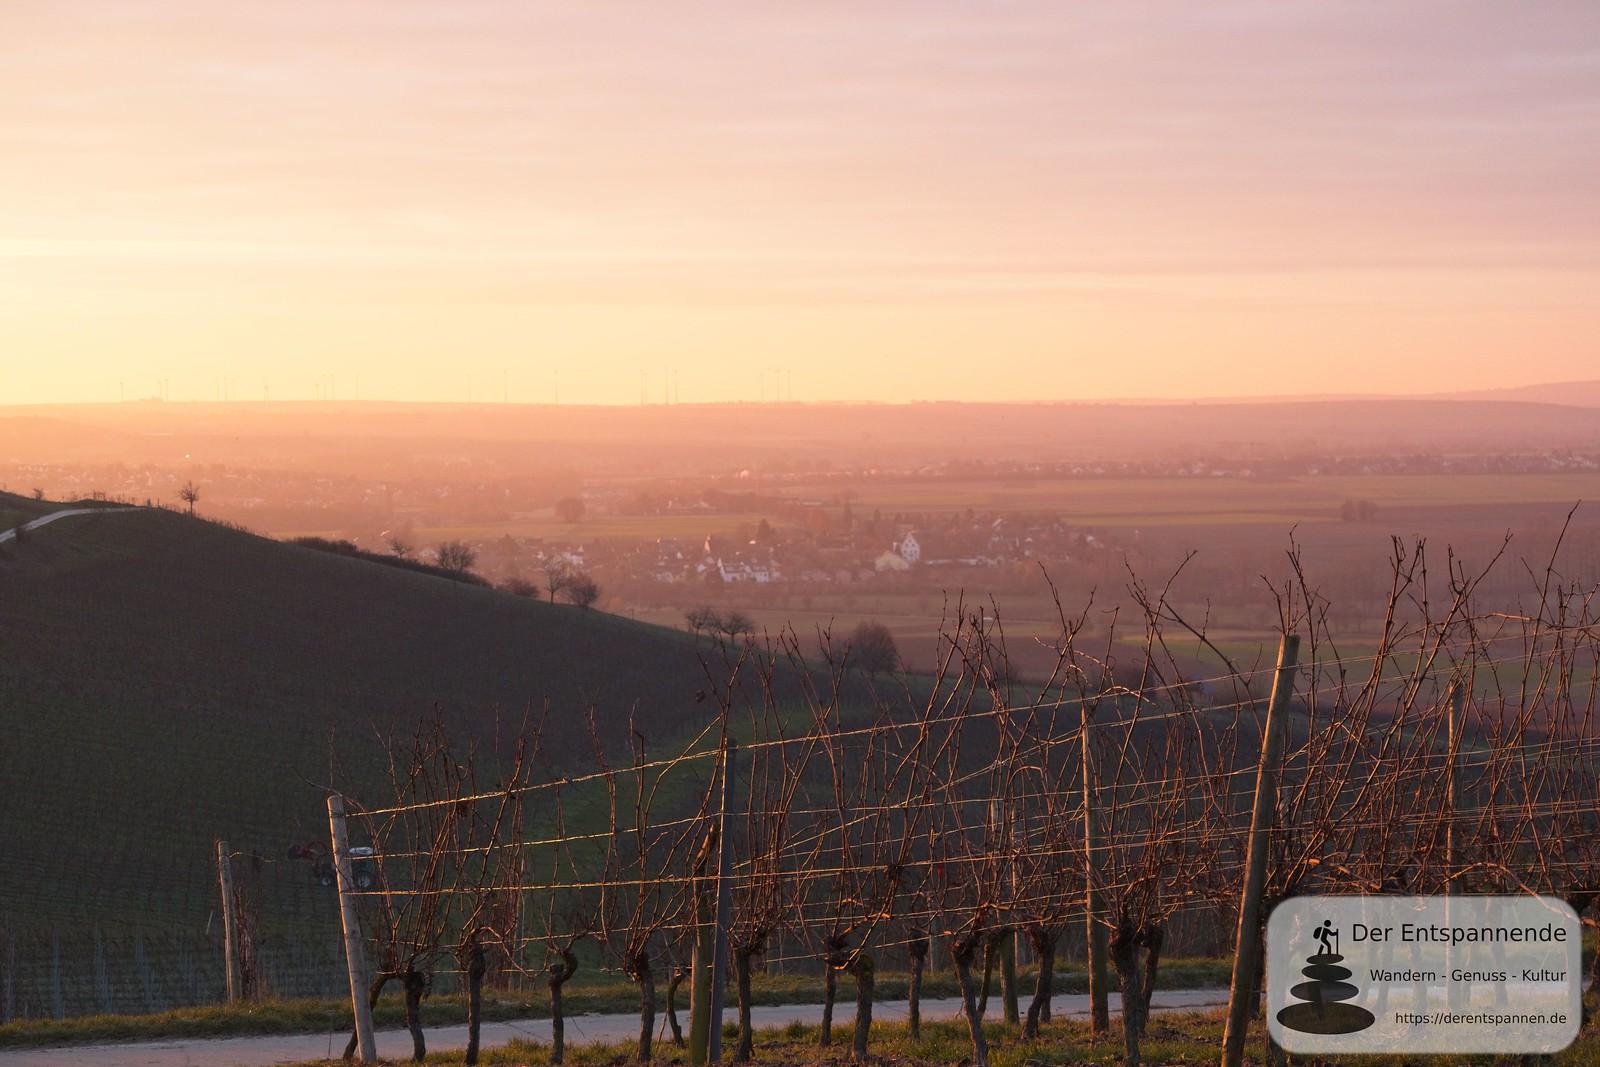 Sonnenaufgang Schönste Weinsicht 2020 Rheinhessen: Blick auf Schloss Hahnheim